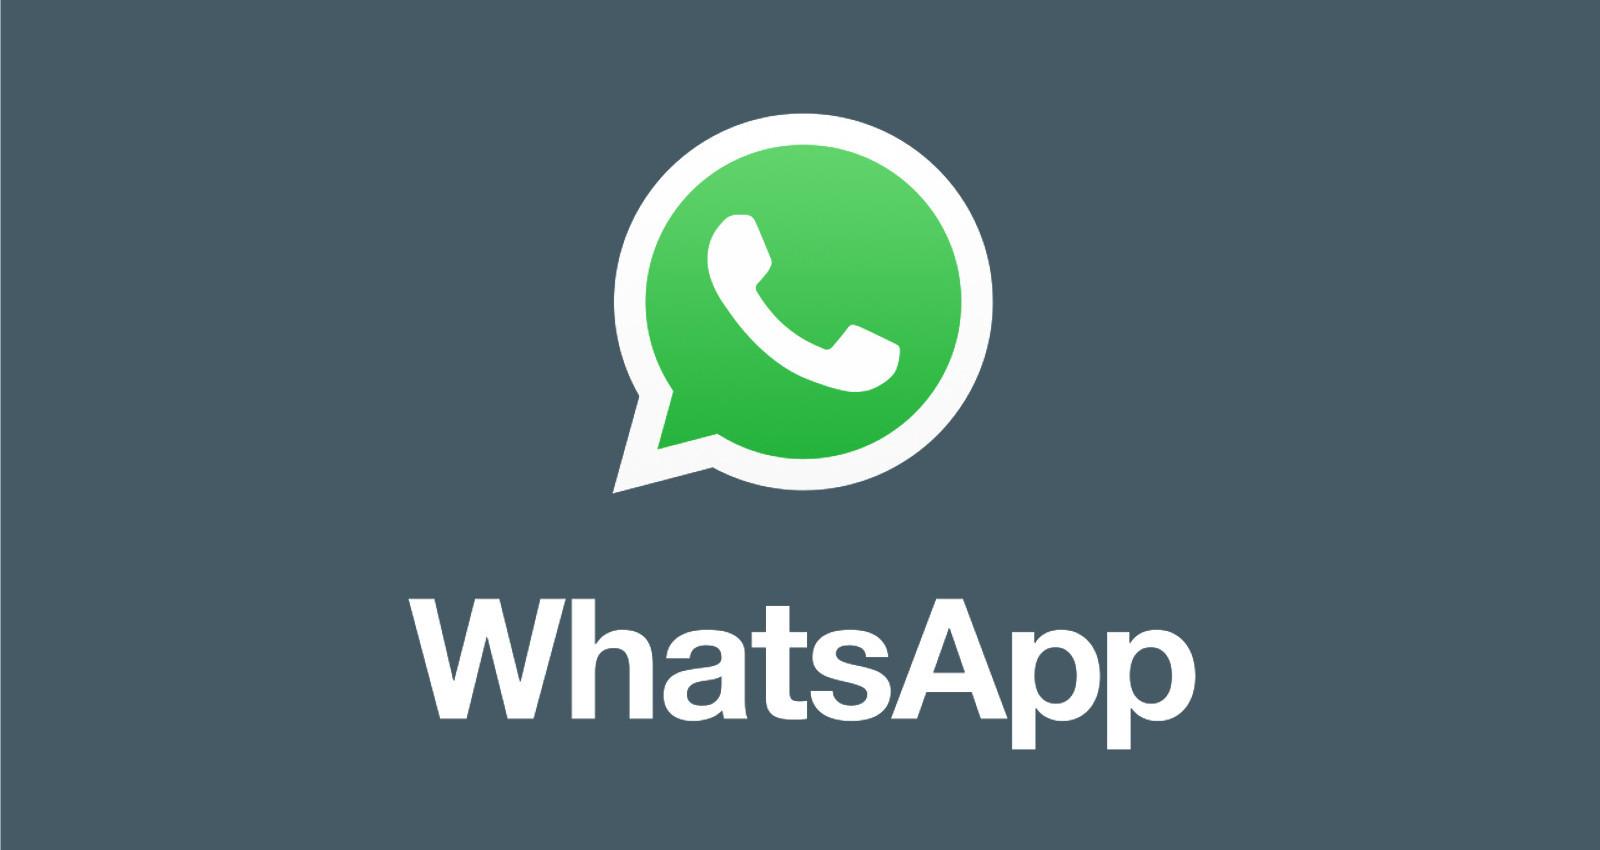 WhatsApp hacken: Mit diesem Handy Hack lassen sich alle Nachrichten mitlesen und ausspionieren